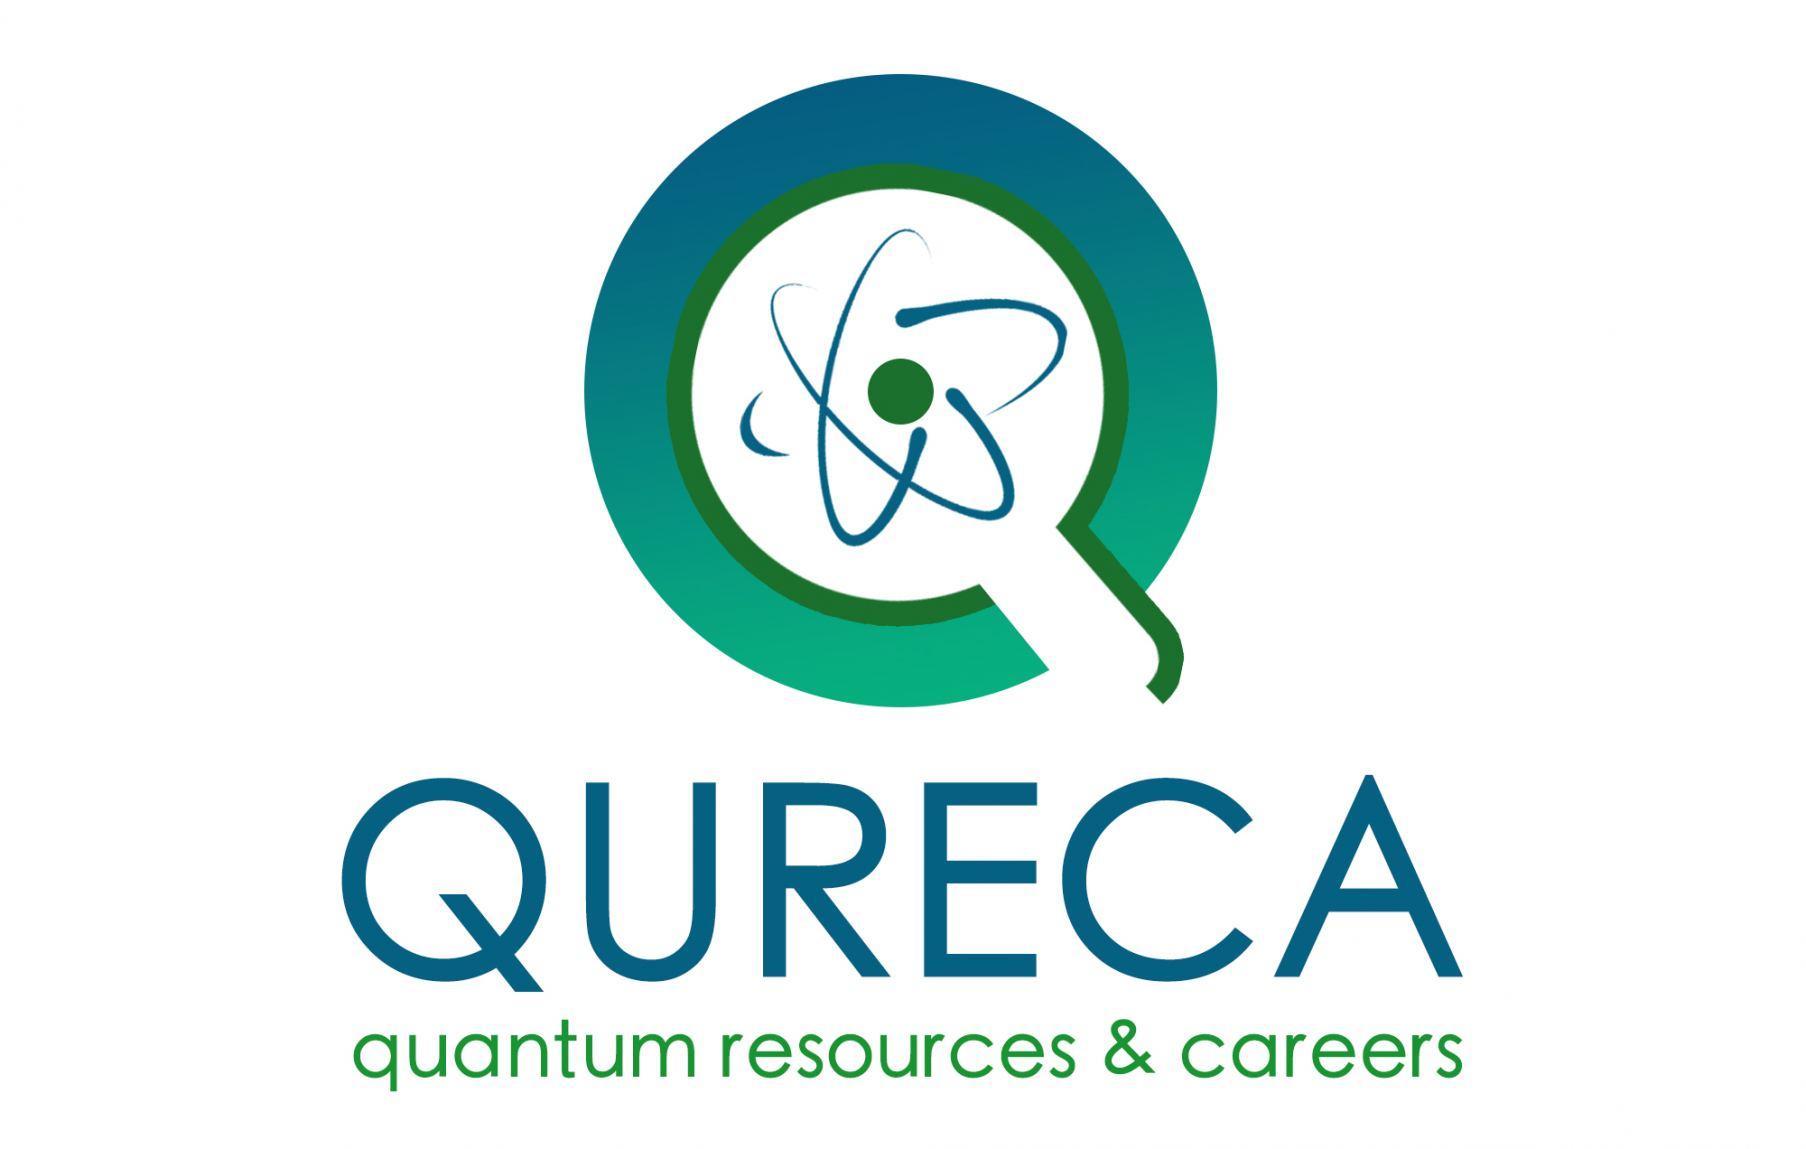 QURECA (Quantum Resources & Careers) Logo